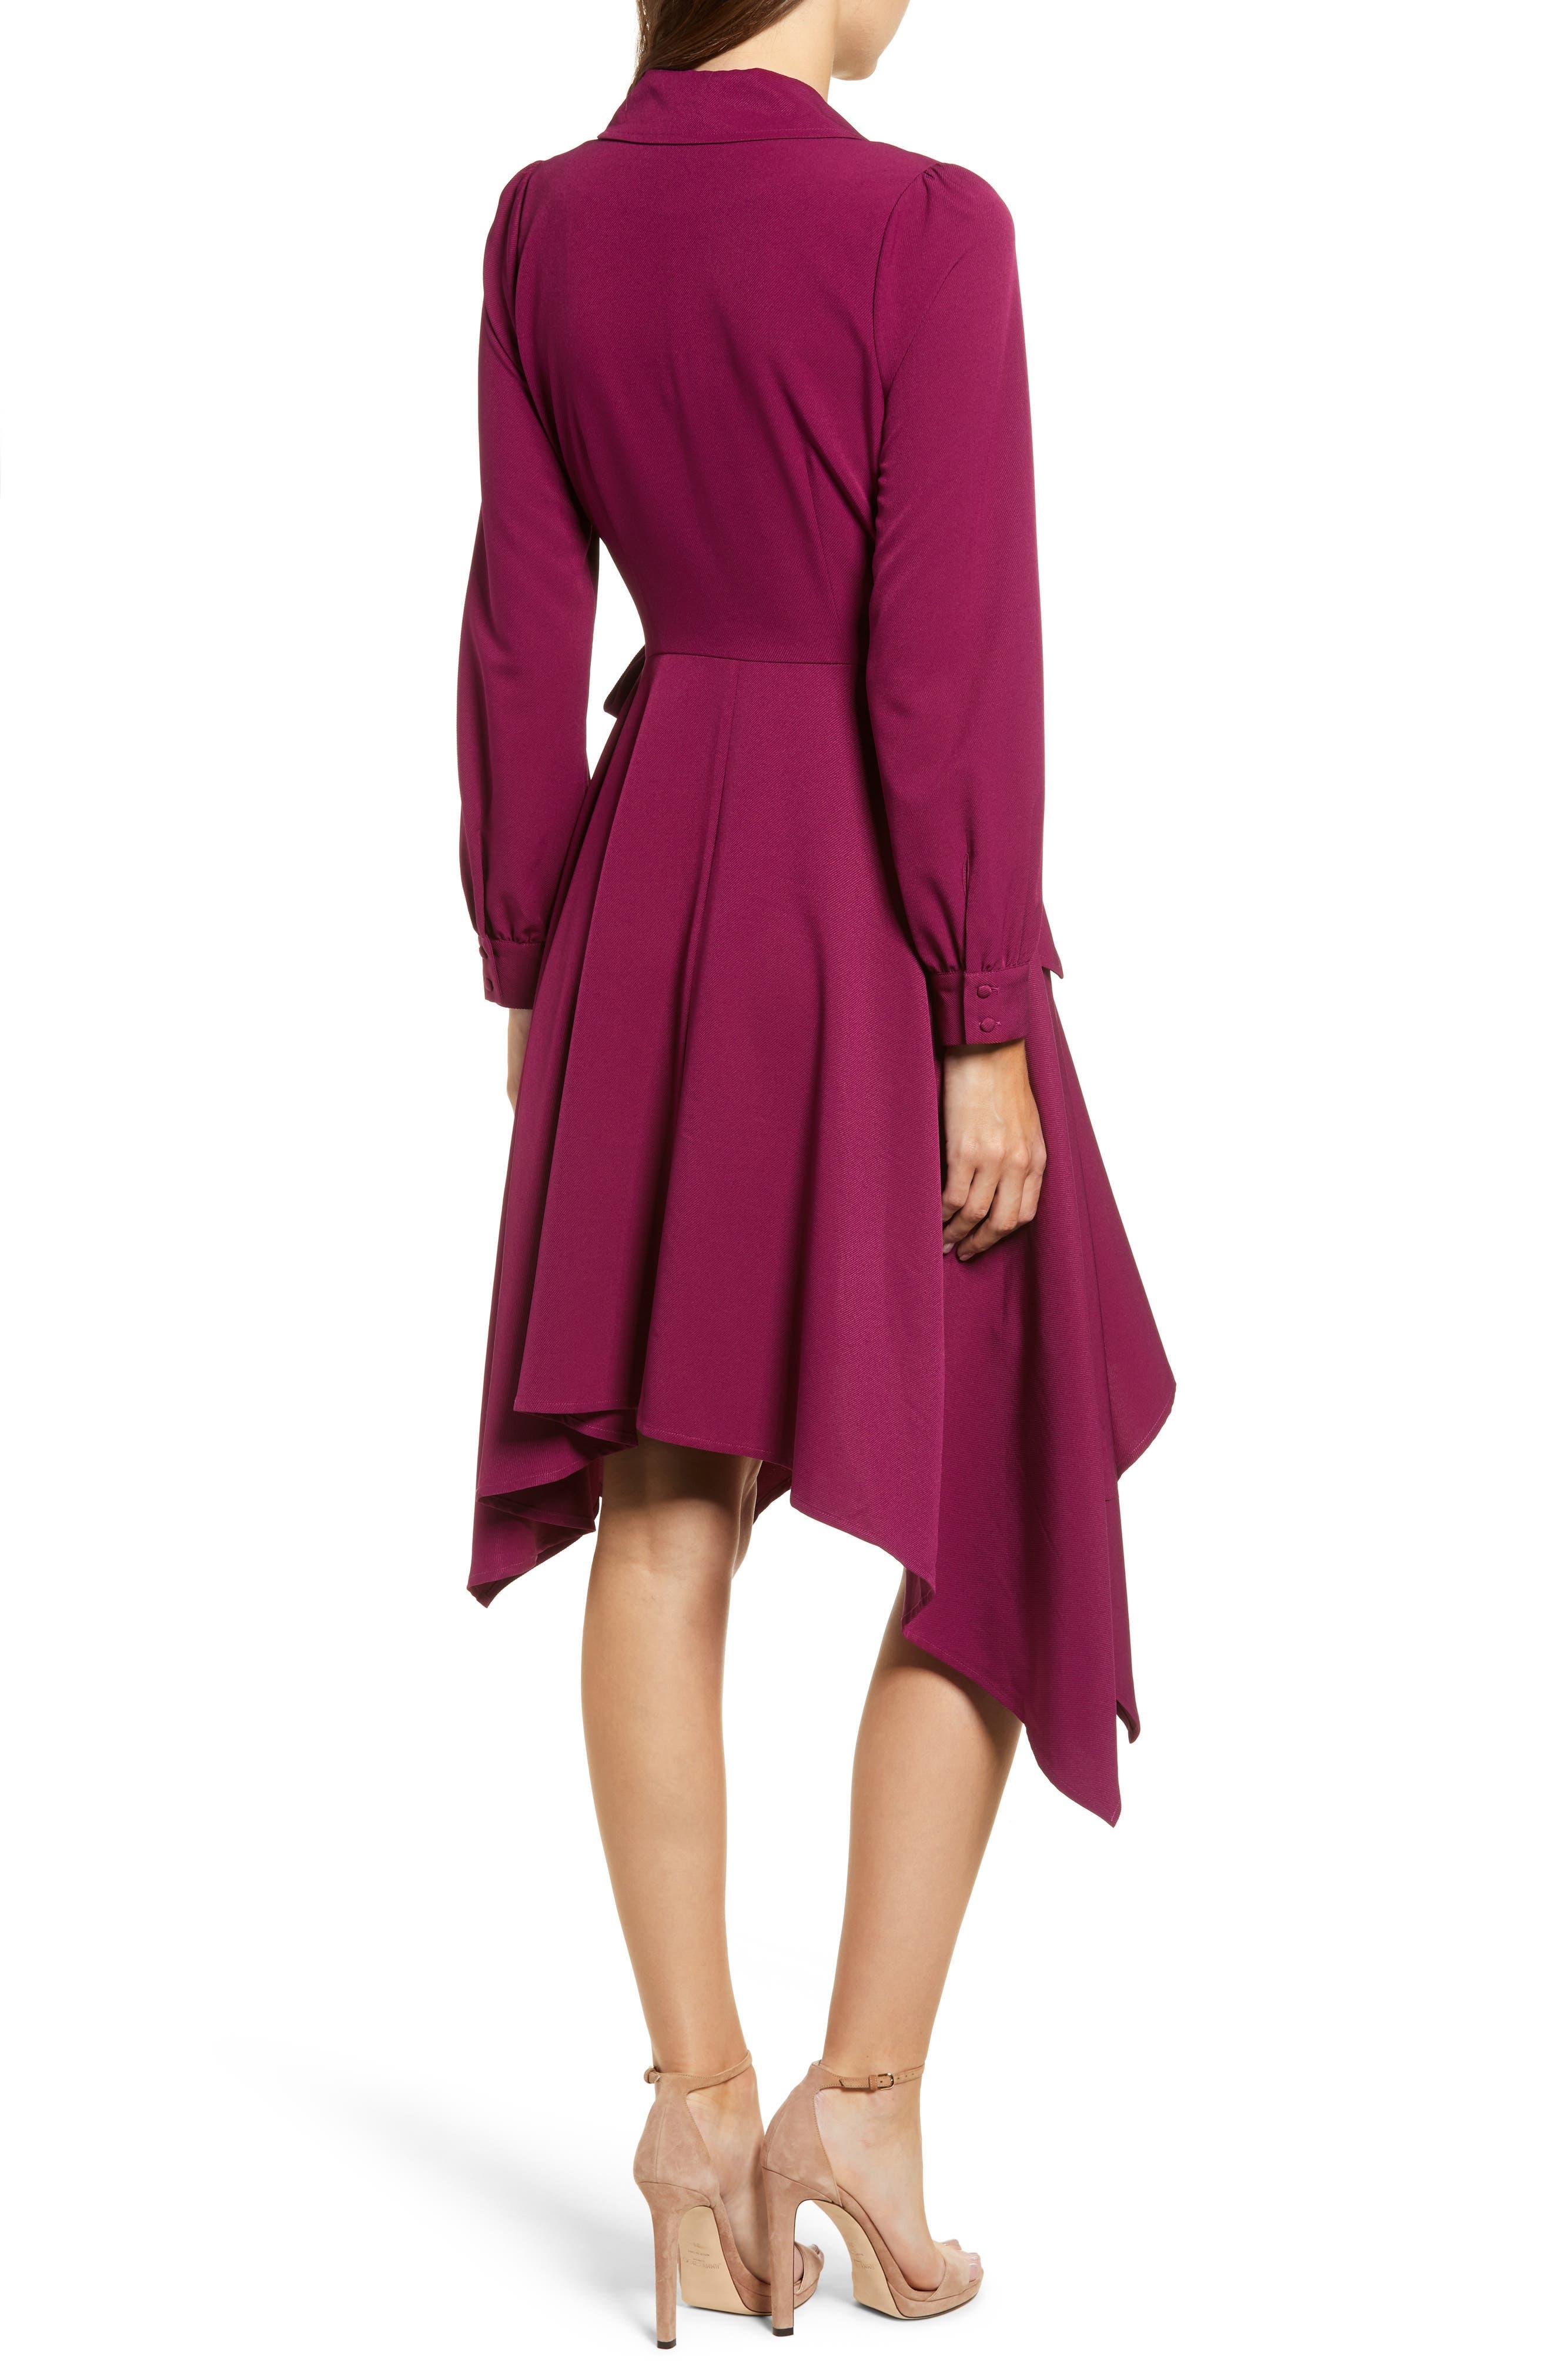 Chriselle Lim Wren Trench Dress,                             Alternate thumbnail 3, color,                             MAGENTA